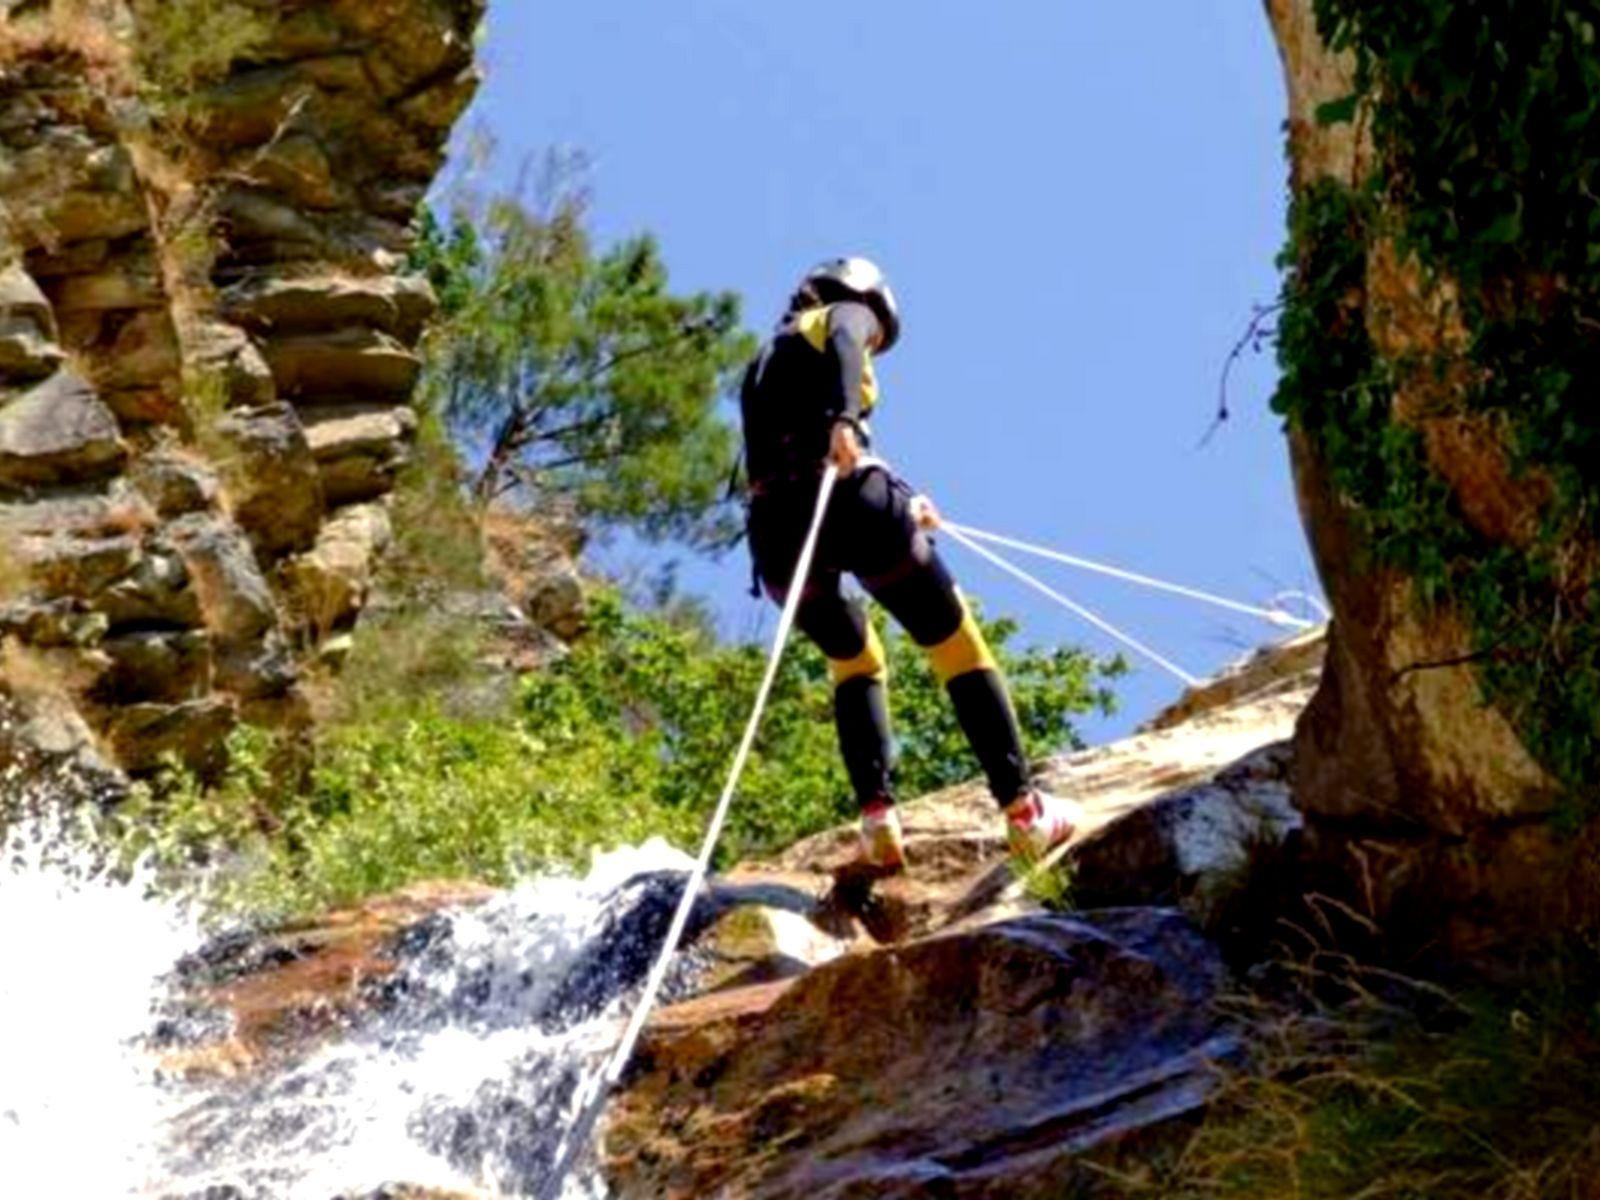 descente rappel canyoning stage sportif d'oxygénation savoie mont blanc